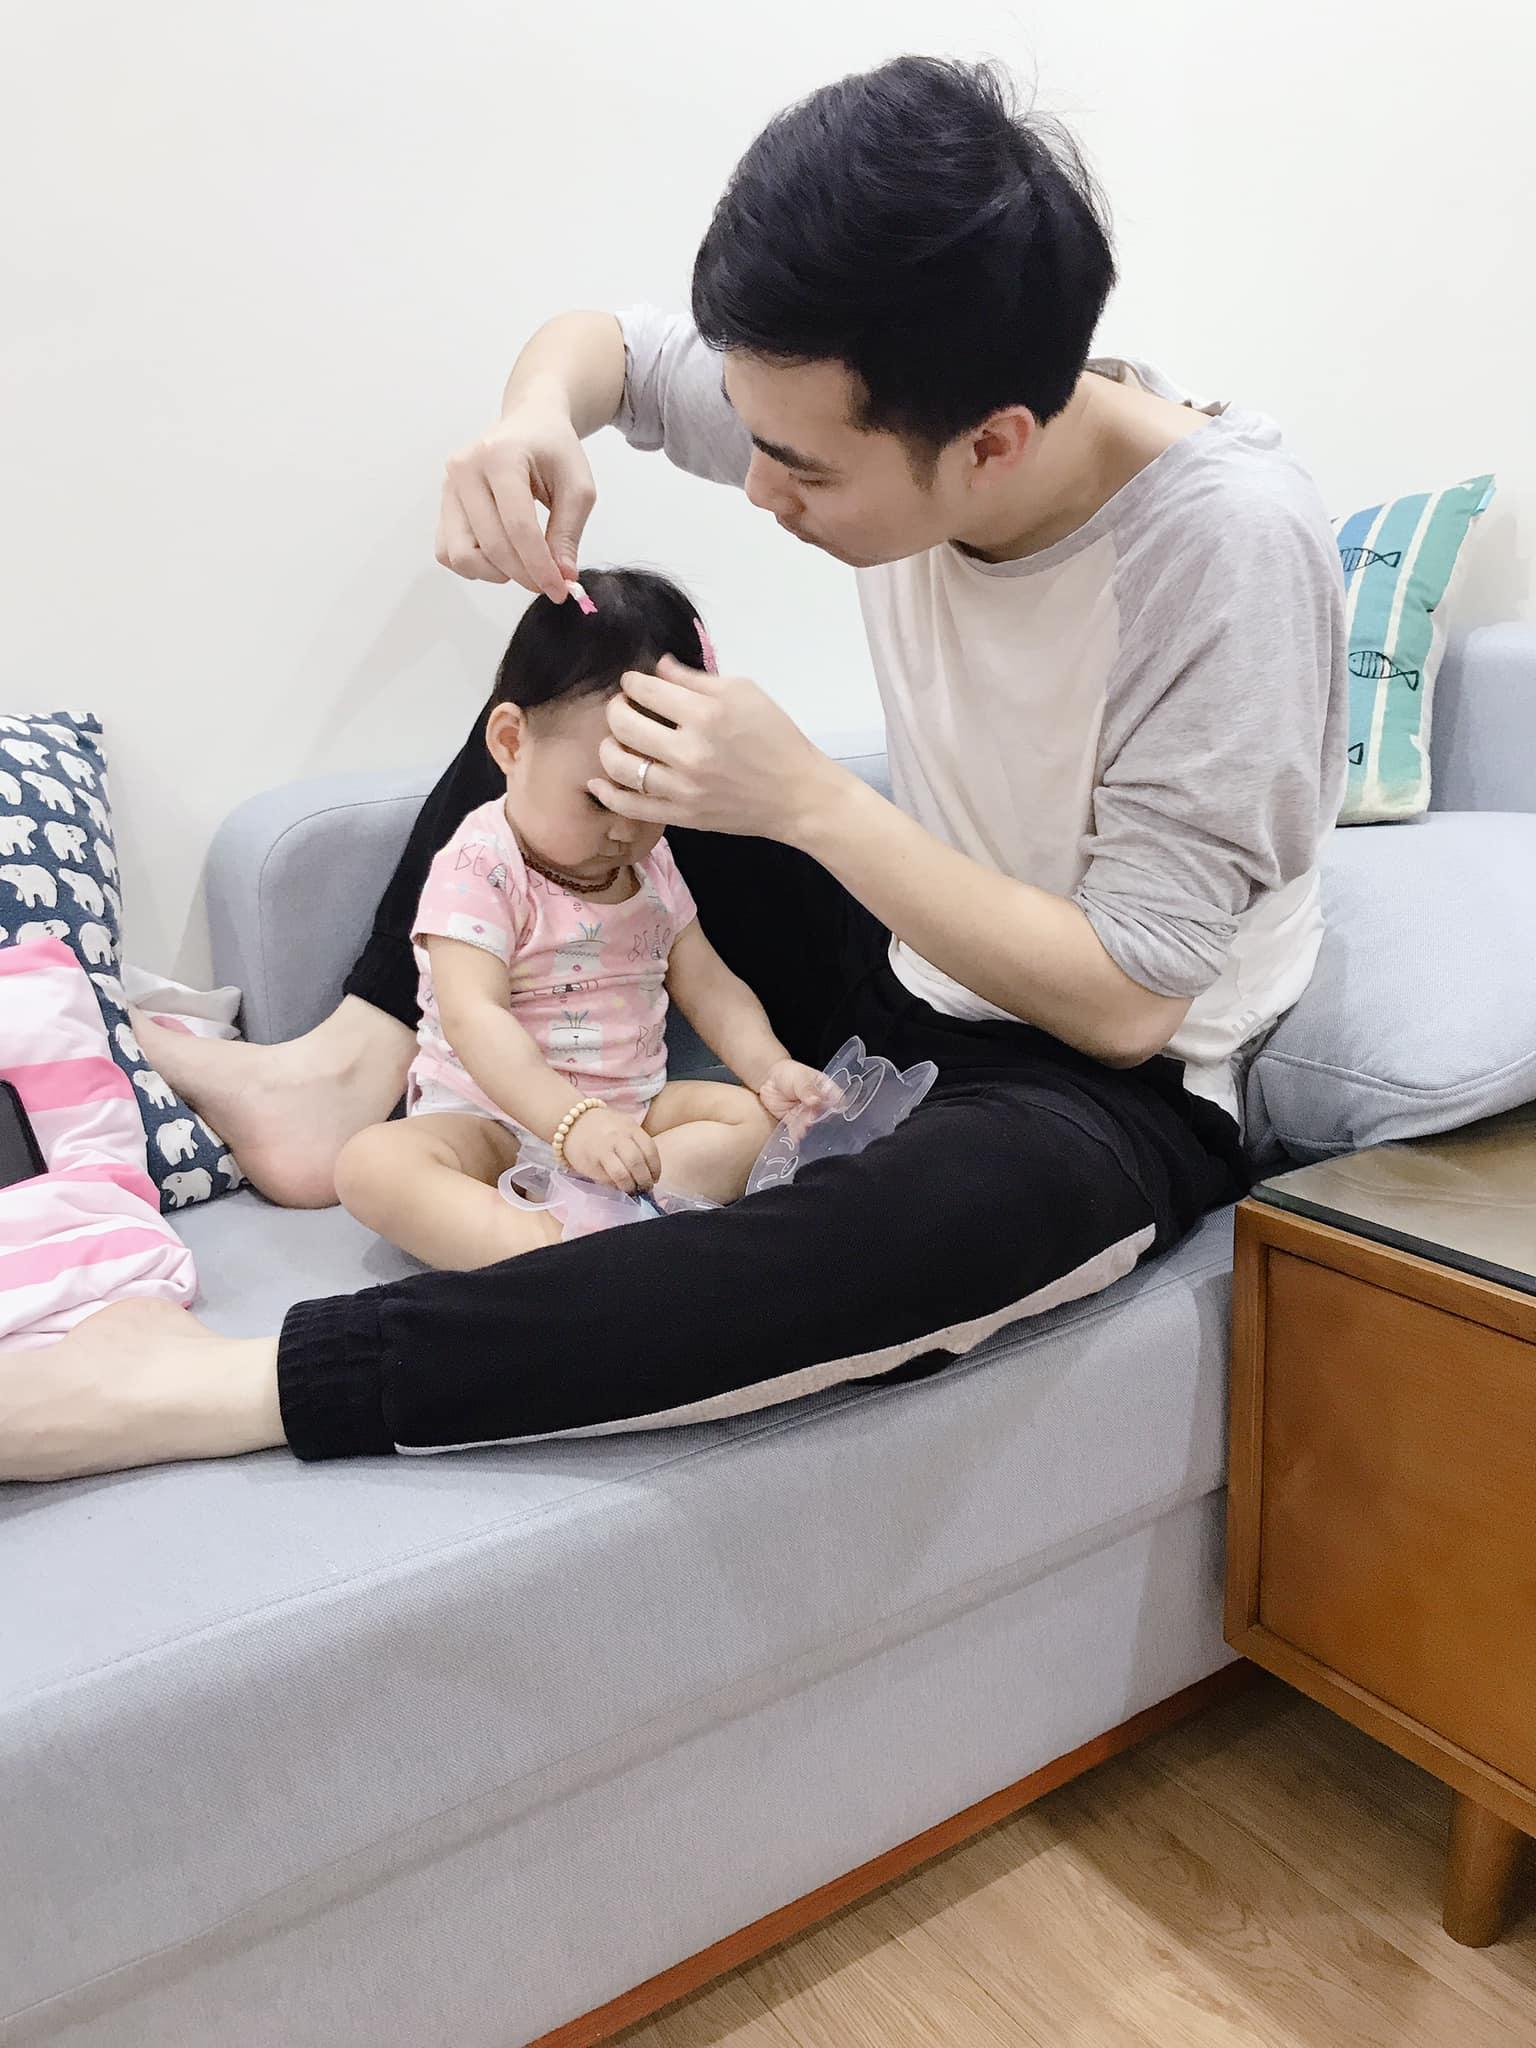 Anh Cường chăm sóc con gái khi ở nhà. Ảnh do nhân vật cung cấp